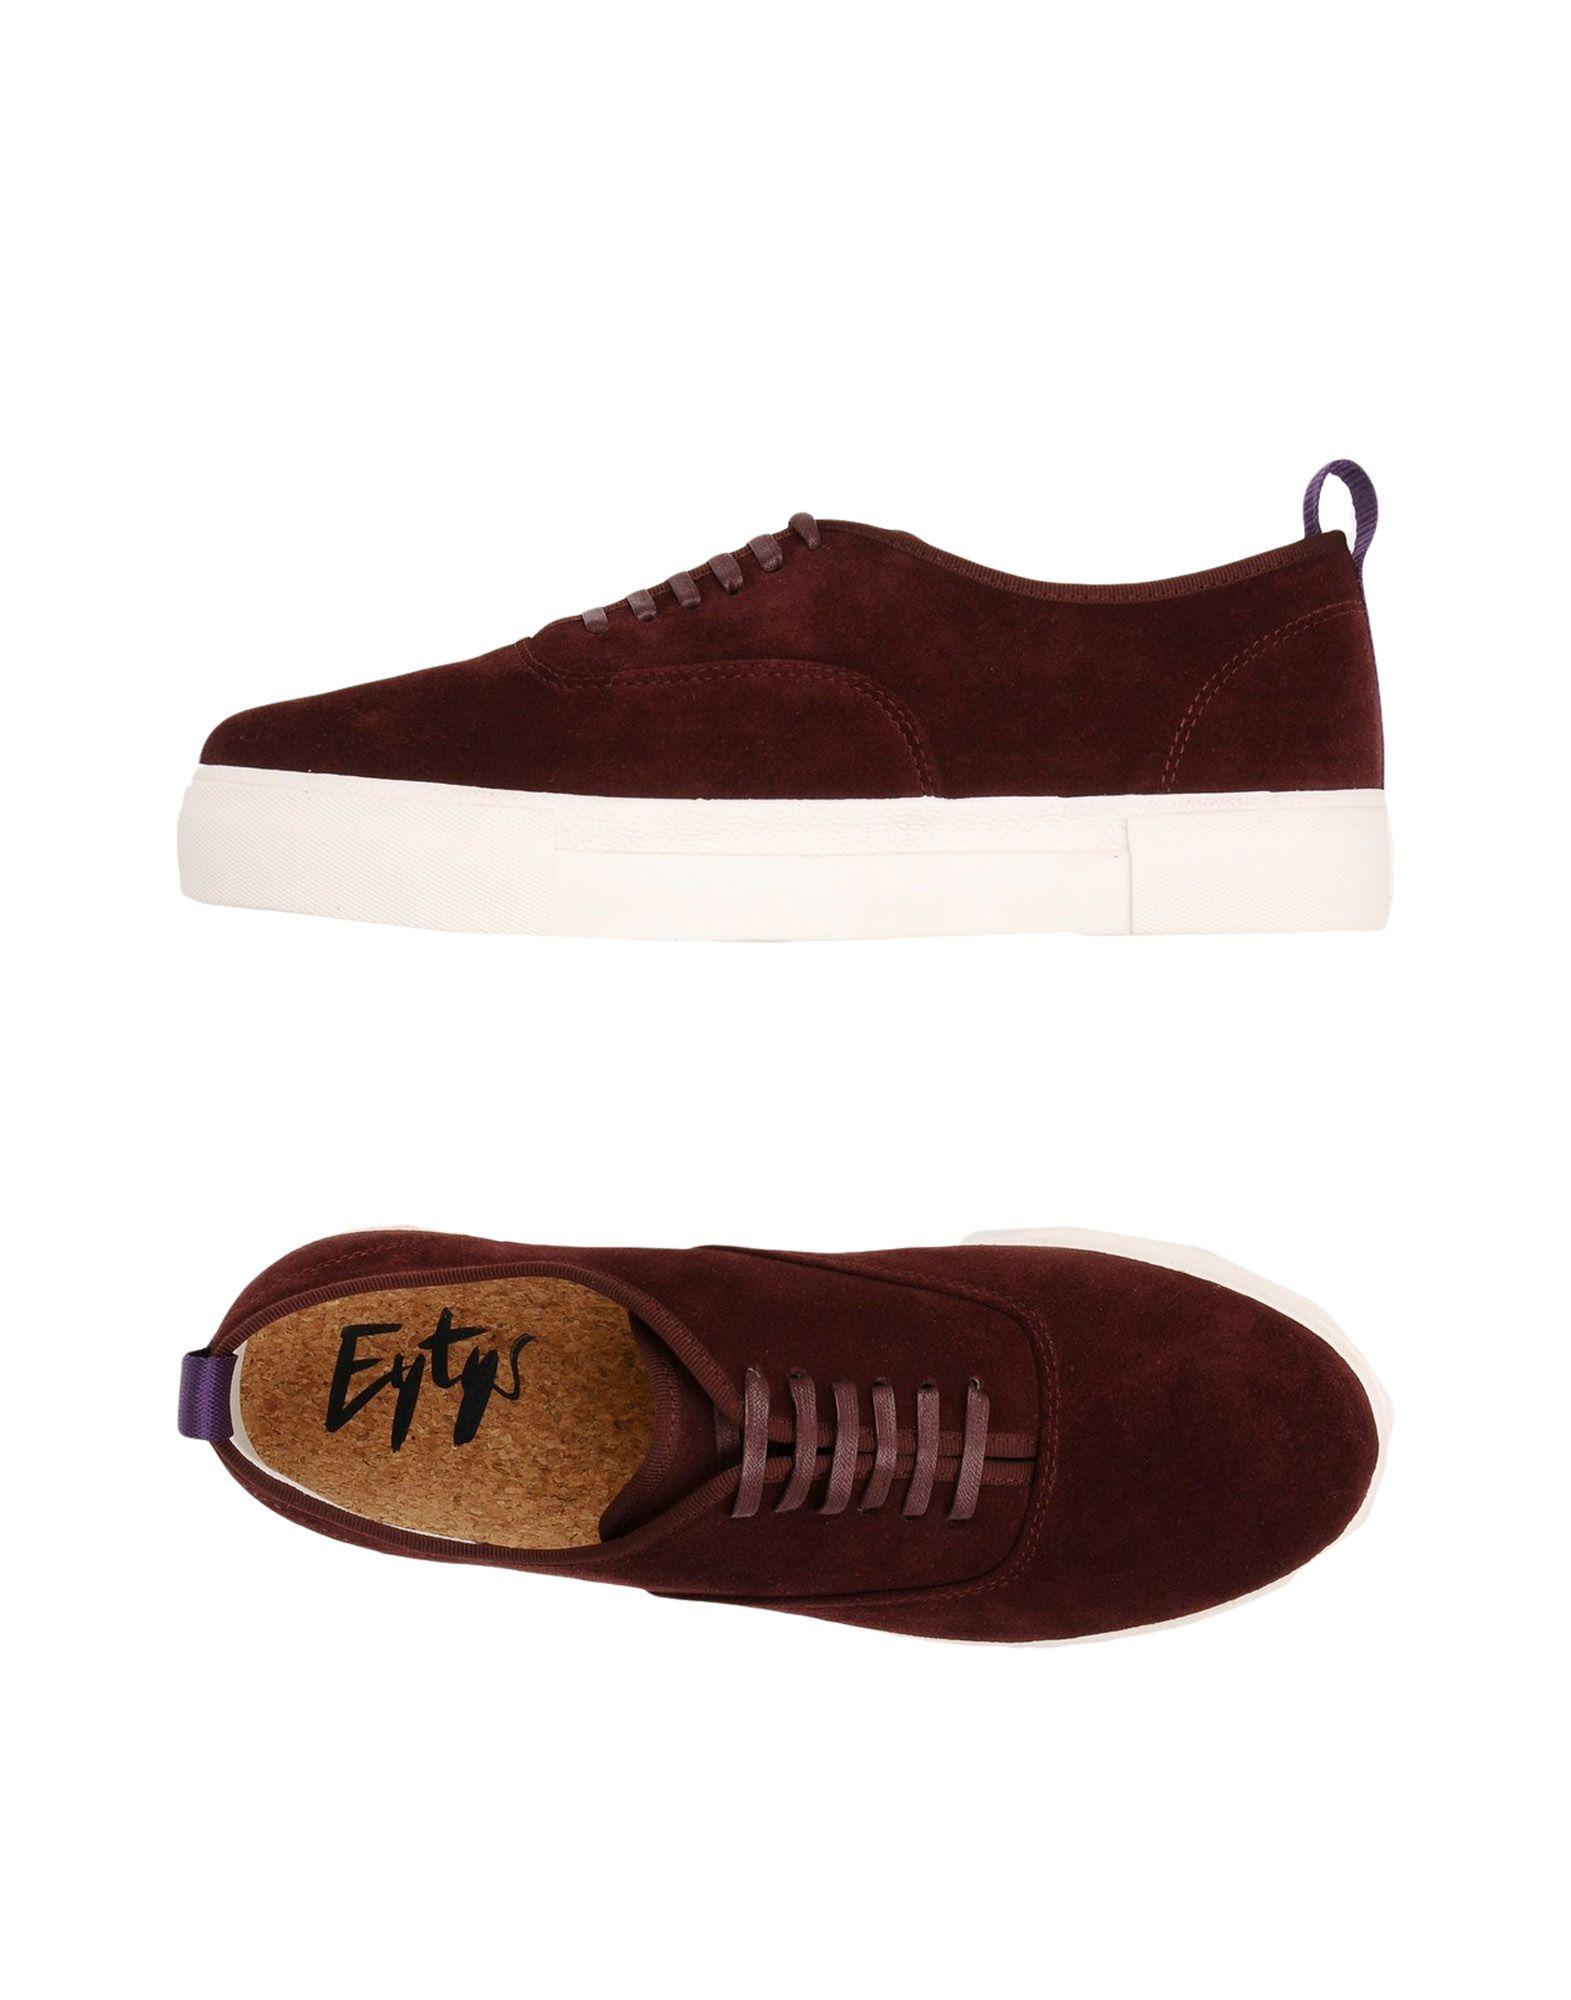 Eytys Eytys Eytys Sneakers Herren  11361237XA Heiße Schuhe feeb0f